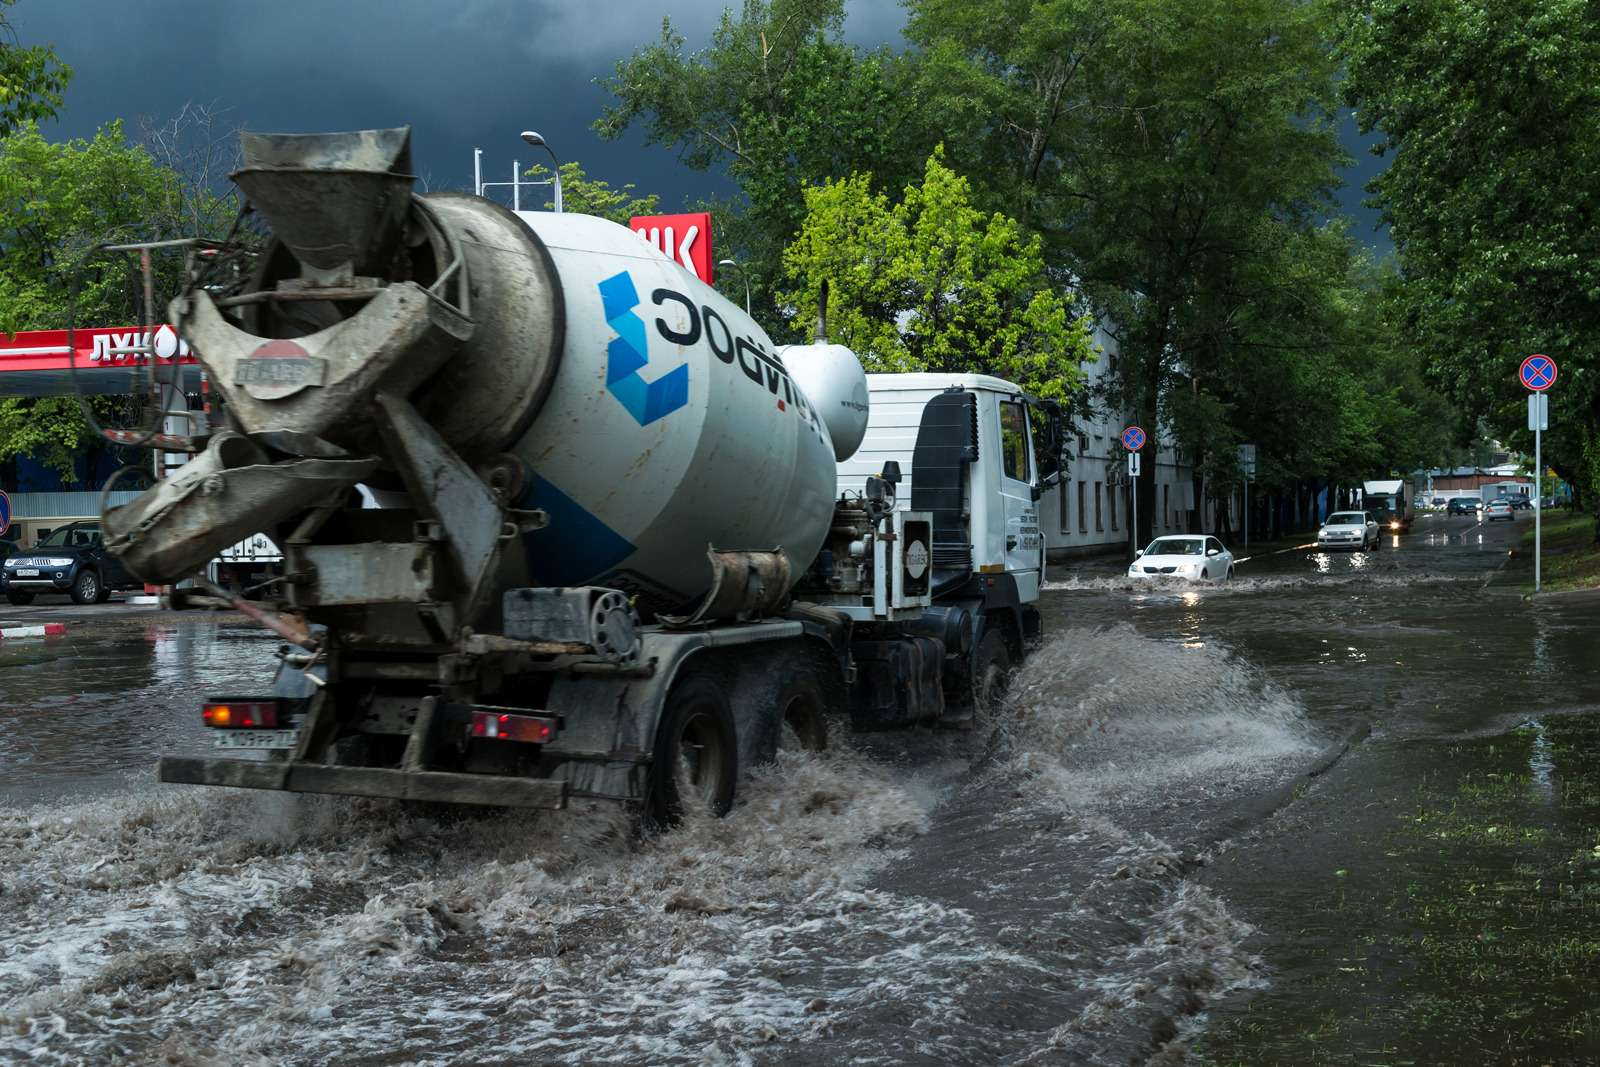 Москву залили дожди, машины поплыли. Фоторепортаж ЗР— фото 770696